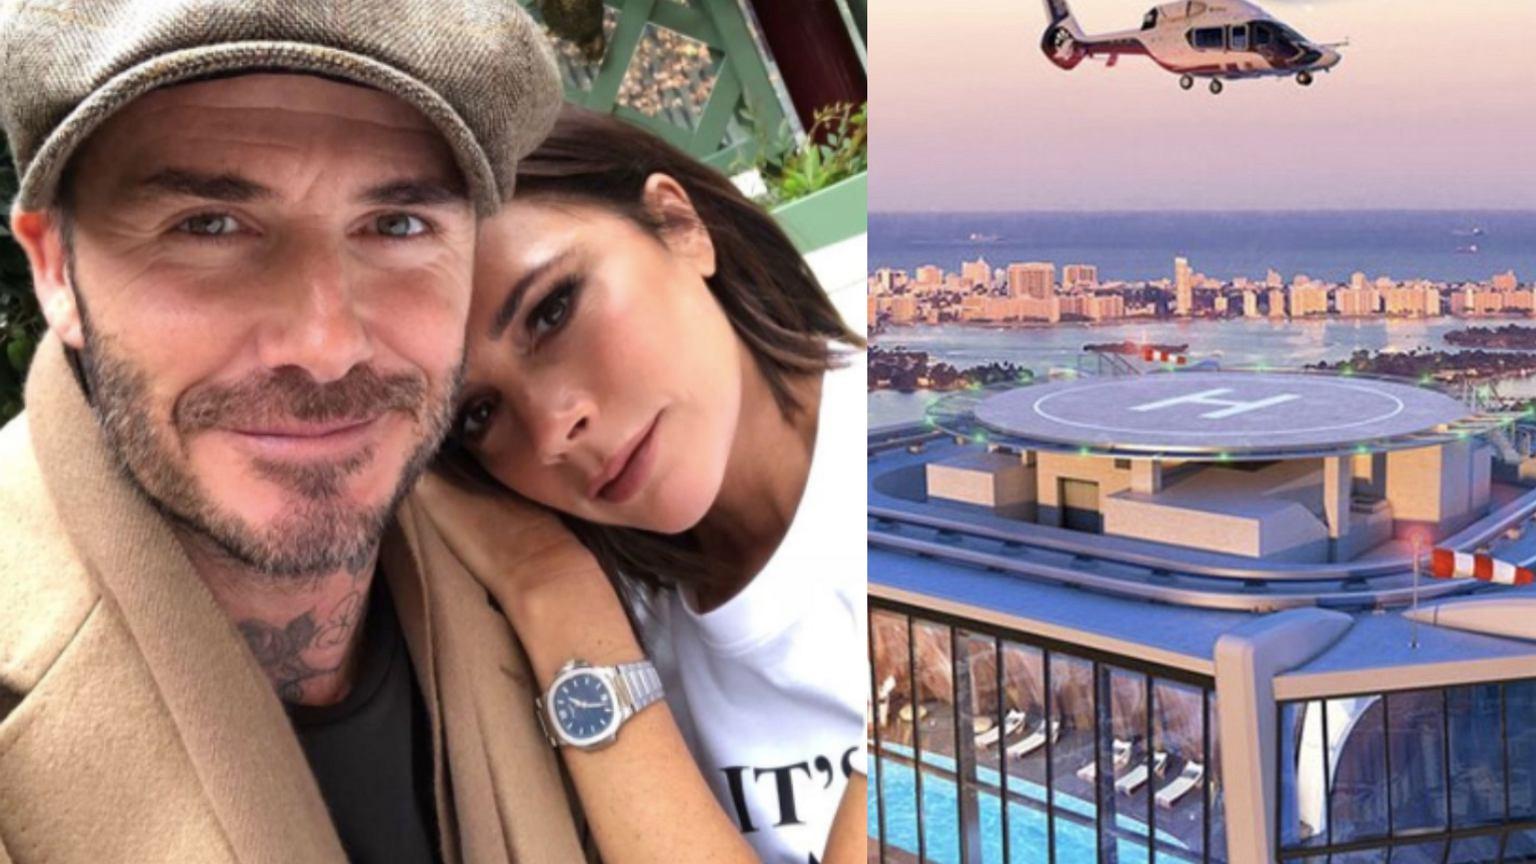 David i Victoria Beckhamowie kupili dom w drapaczu chmur za 100 milionów. Mają basen i lądowisko dla helikopterów